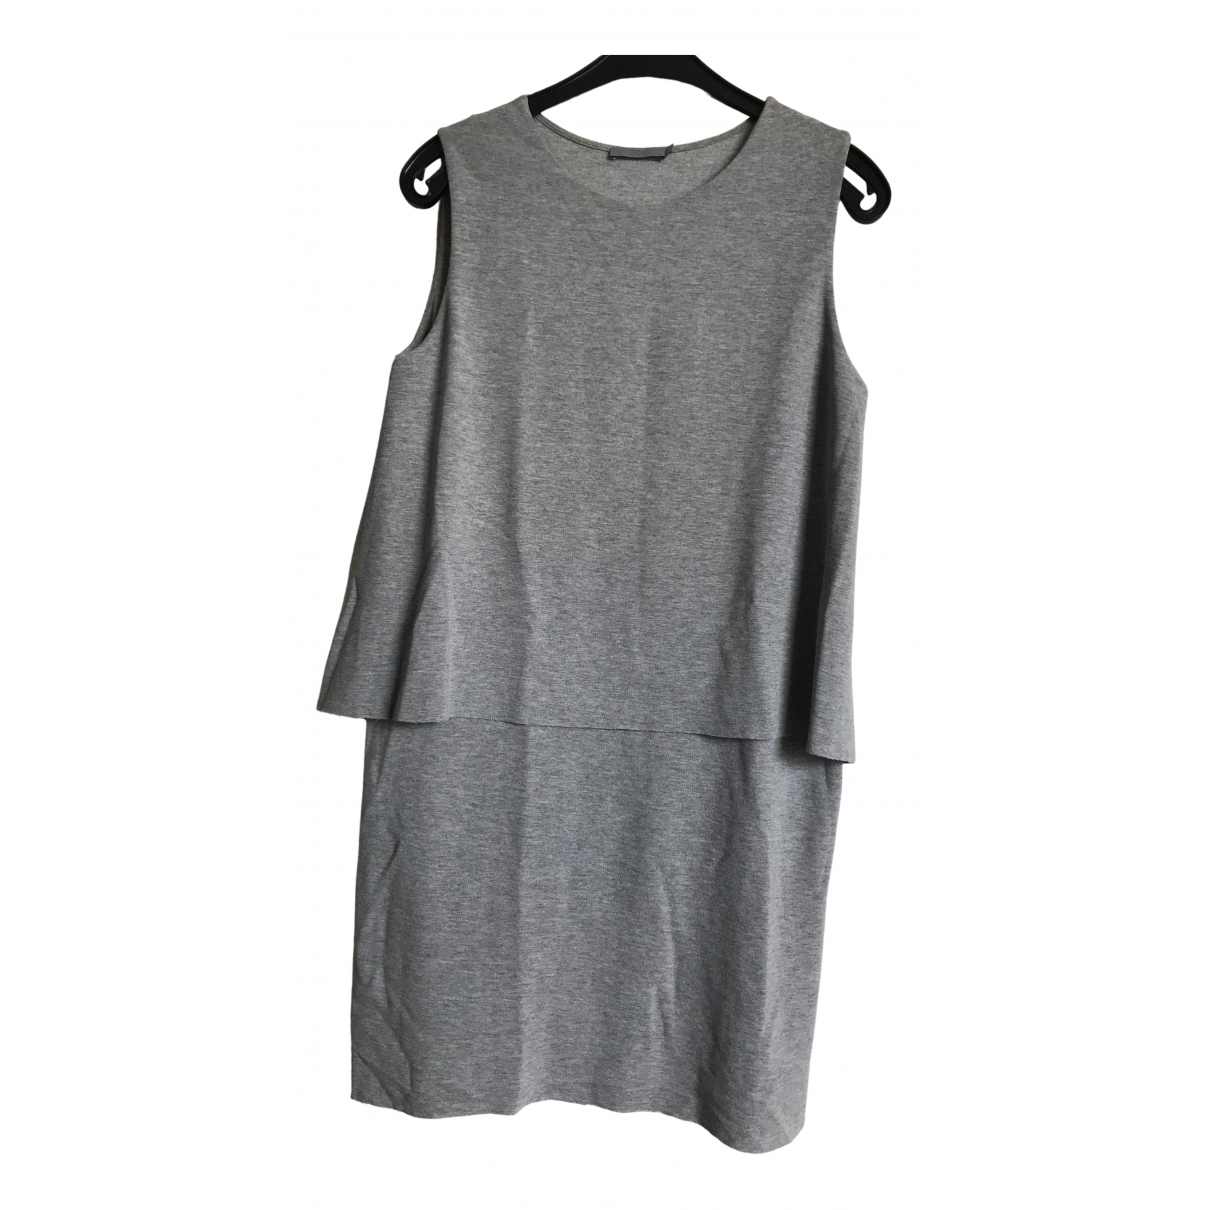 Cos \N Kleid in  Grau Viskose